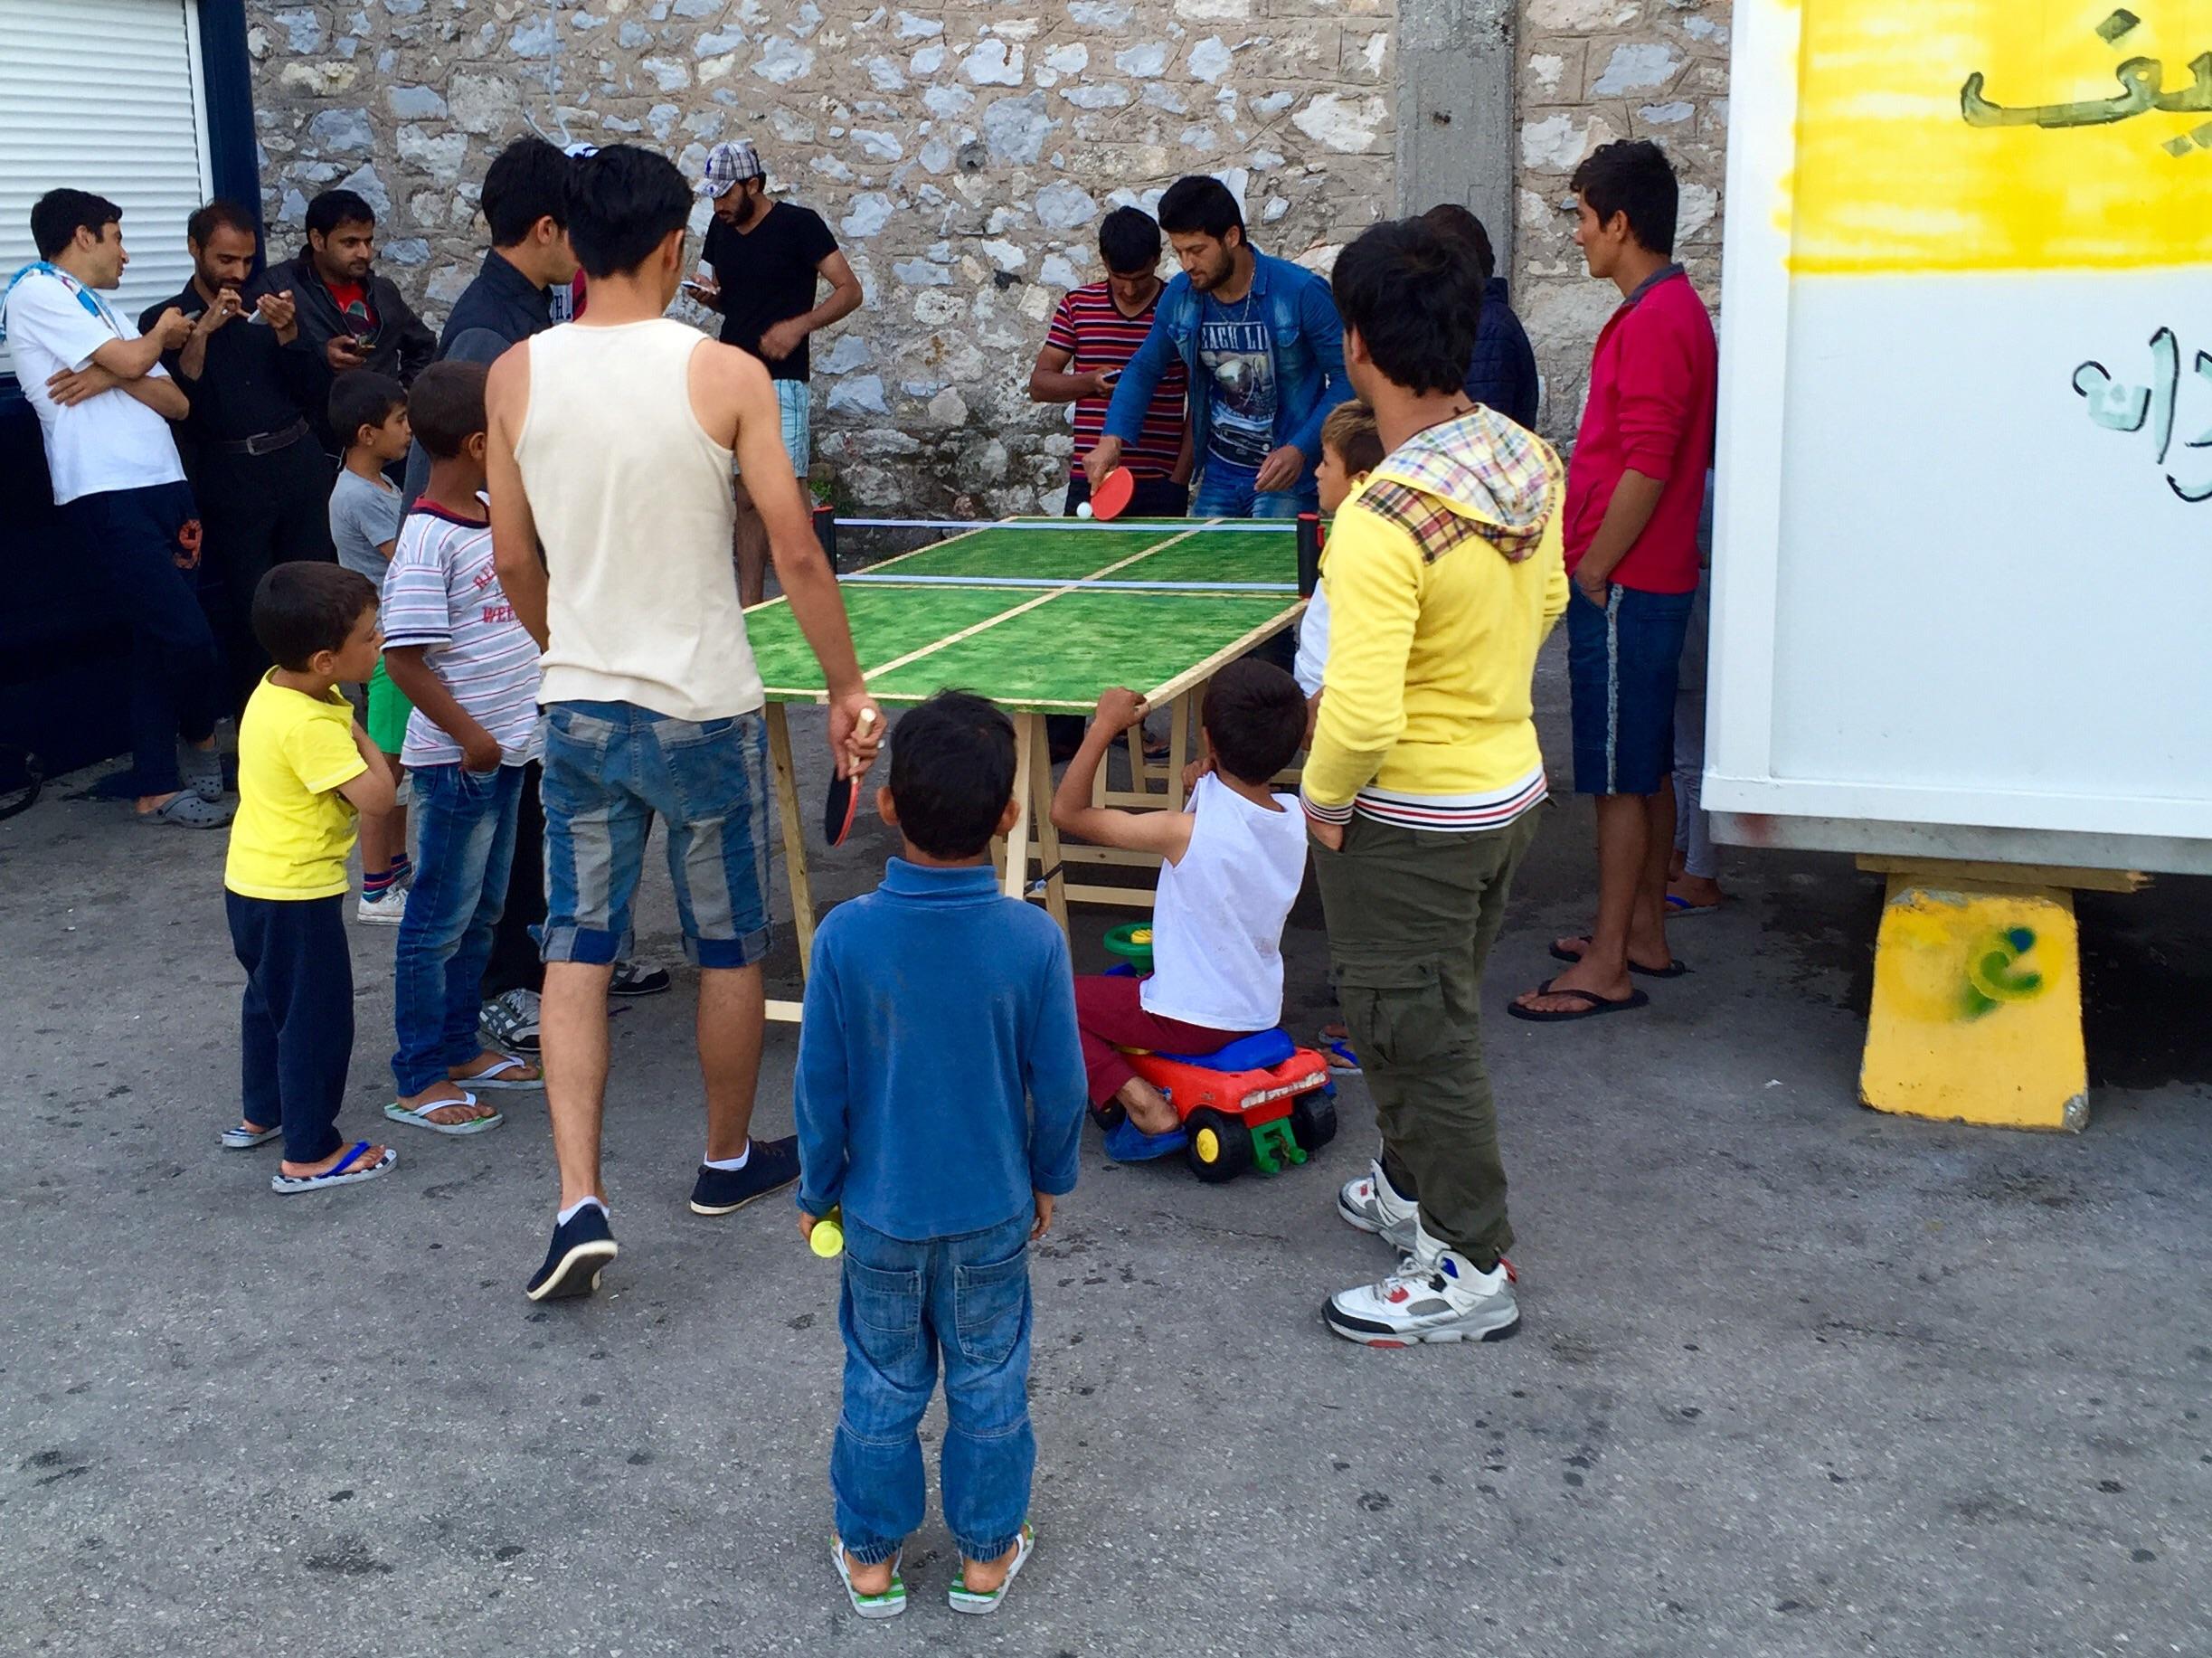 Das erste Turnier mit dem neuen Pingpong-Tisch.